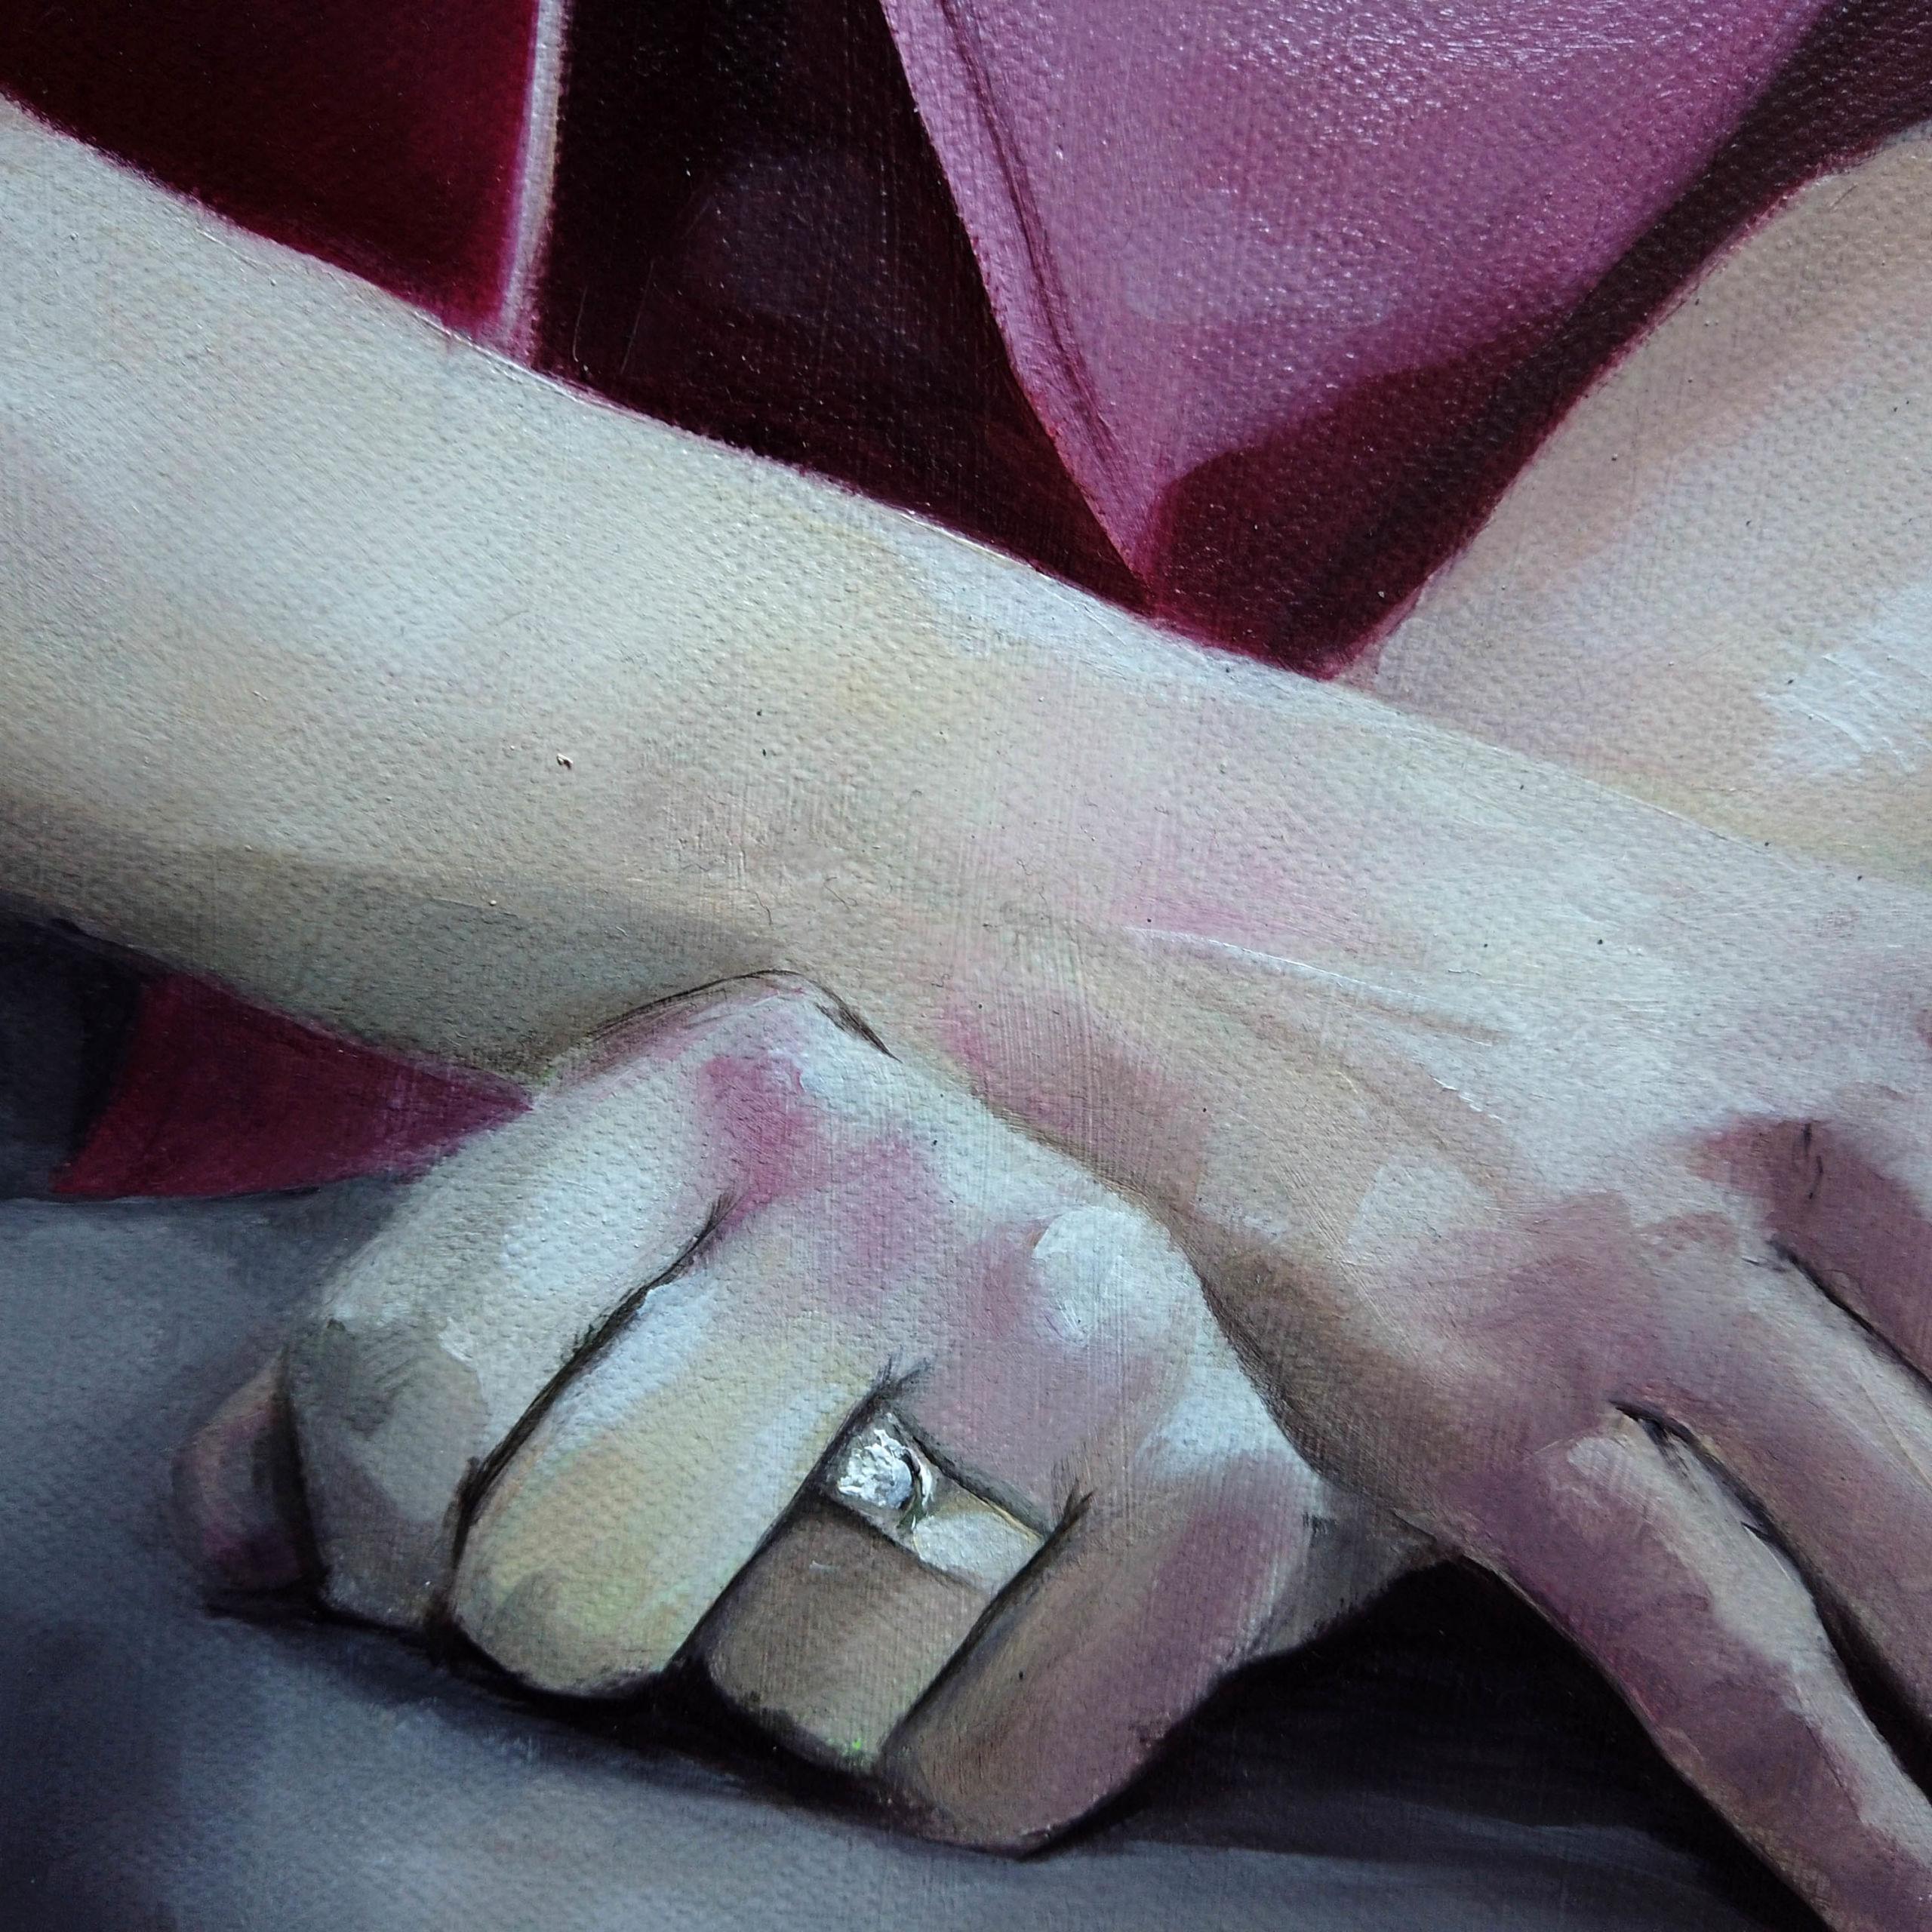 Détail sur Pensées légères, peinture à l'huile par l'artiste peintre Priscilla Seiller